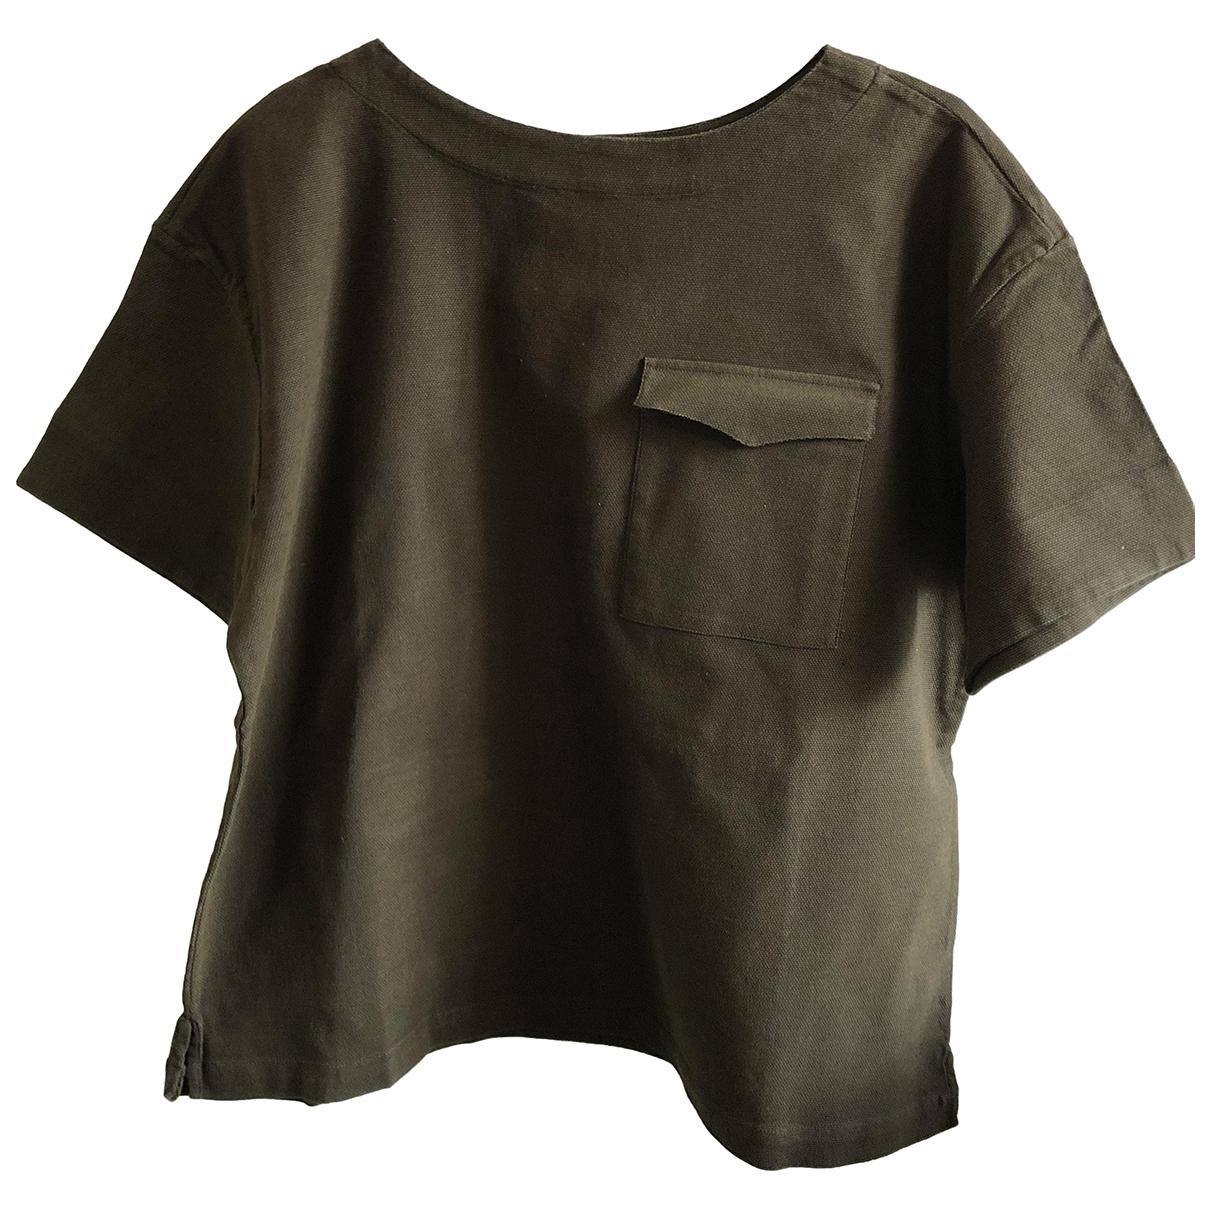 Kenzo - Tee shirts   pour homme en coton - kaki